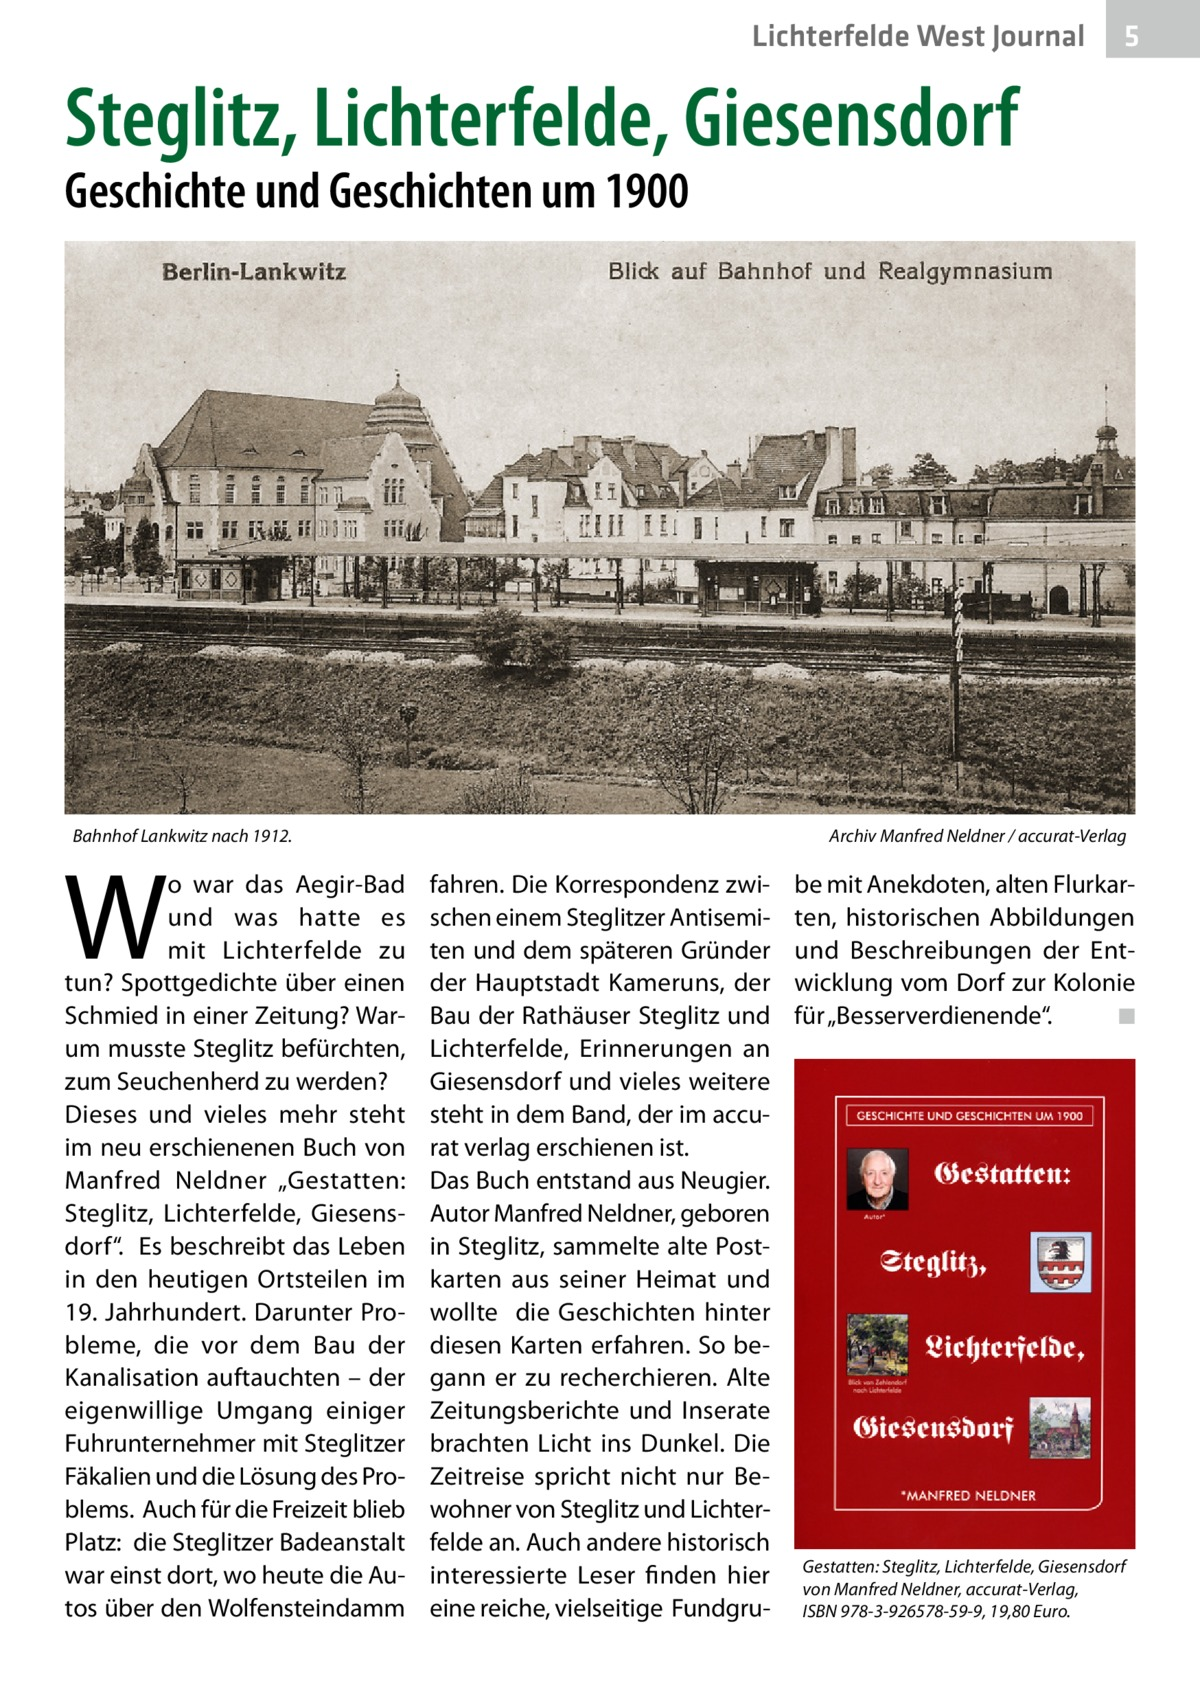 """Lichterfelde West Journal  5  Steglitz, Lichterfelde, Giesensdorf Geschichte und Geschichten um 1900  Bahnhof Lankwitz nach 1912.�  W  o war das Aegir-Bad und was hatte es mit Lichterfelde zu tun? Spottgedichte über einen Schmied in einer Zeitung? Warum musste Steglitz befürchten, zum Seuchenherd zu werden? Dieses und vieles mehr steht im neu erschienenen Buch von Manfred Neldner """"Gestatten: Steglitz, Lichterfelde, Giesensdorf"""". Es beschreibt das Leben in den heutigen Ortsteilen im 19.Jahrhundert. Darunter Probleme, die vor dem Bau der Kanalisation auftauchten – der eigenwillige Umgang einiger Fuhrunternehmer mit Steglitzer Fäkalien und die Lösung des Problems. Auch für die Freizeit blieb Platz: die Steglitzer Badeanstalt war einst dort, wo heute die Autos über den Wolfensteindamm  Archiv Manfred Neldner / accurat-Verlag  fahren. Die Korrespondenz zwischen einem Steglitzer Antisemiten und dem späteren Gründer der Hauptstadt Kameruns, der Bau der Rathäuser Steglitz und Lichterfelde, Erinnerungen an Giesensdorf und vieles weitere steht in dem Band, der im accurat verlag erschienen ist. Das Buch entstand aus Neugier. Autor Manfred Neldner, geboren in Steglitz, sammelte alte Postkarten aus seiner Heimat und wollte die Geschichten hinter diesen Karten erfahren. So begann er zu recherchieren. Alte Zeitungsberichte und Inserate brachten Licht ins Dunkel. Die Zeitreise spricht nicht nur Bewohner von Steglitz und Lichterfelde an. Auch andere historisch interessierte Leser finden hier eine reiche, vielseitige Fundgru be mit Anekdoten, alten Flurkarten, historischen Abbildungen und Beschreibungen der Entwicklung vom Dorf zur Kolonie für """"Besserverdienende"""". � ◾  Gestatten: Steglitz, Lichterfelde, Giesensdorf von Manfred Neldner, accurat-Verlag, ISBN 978-3-926578-59-9, 19,80Euro."""